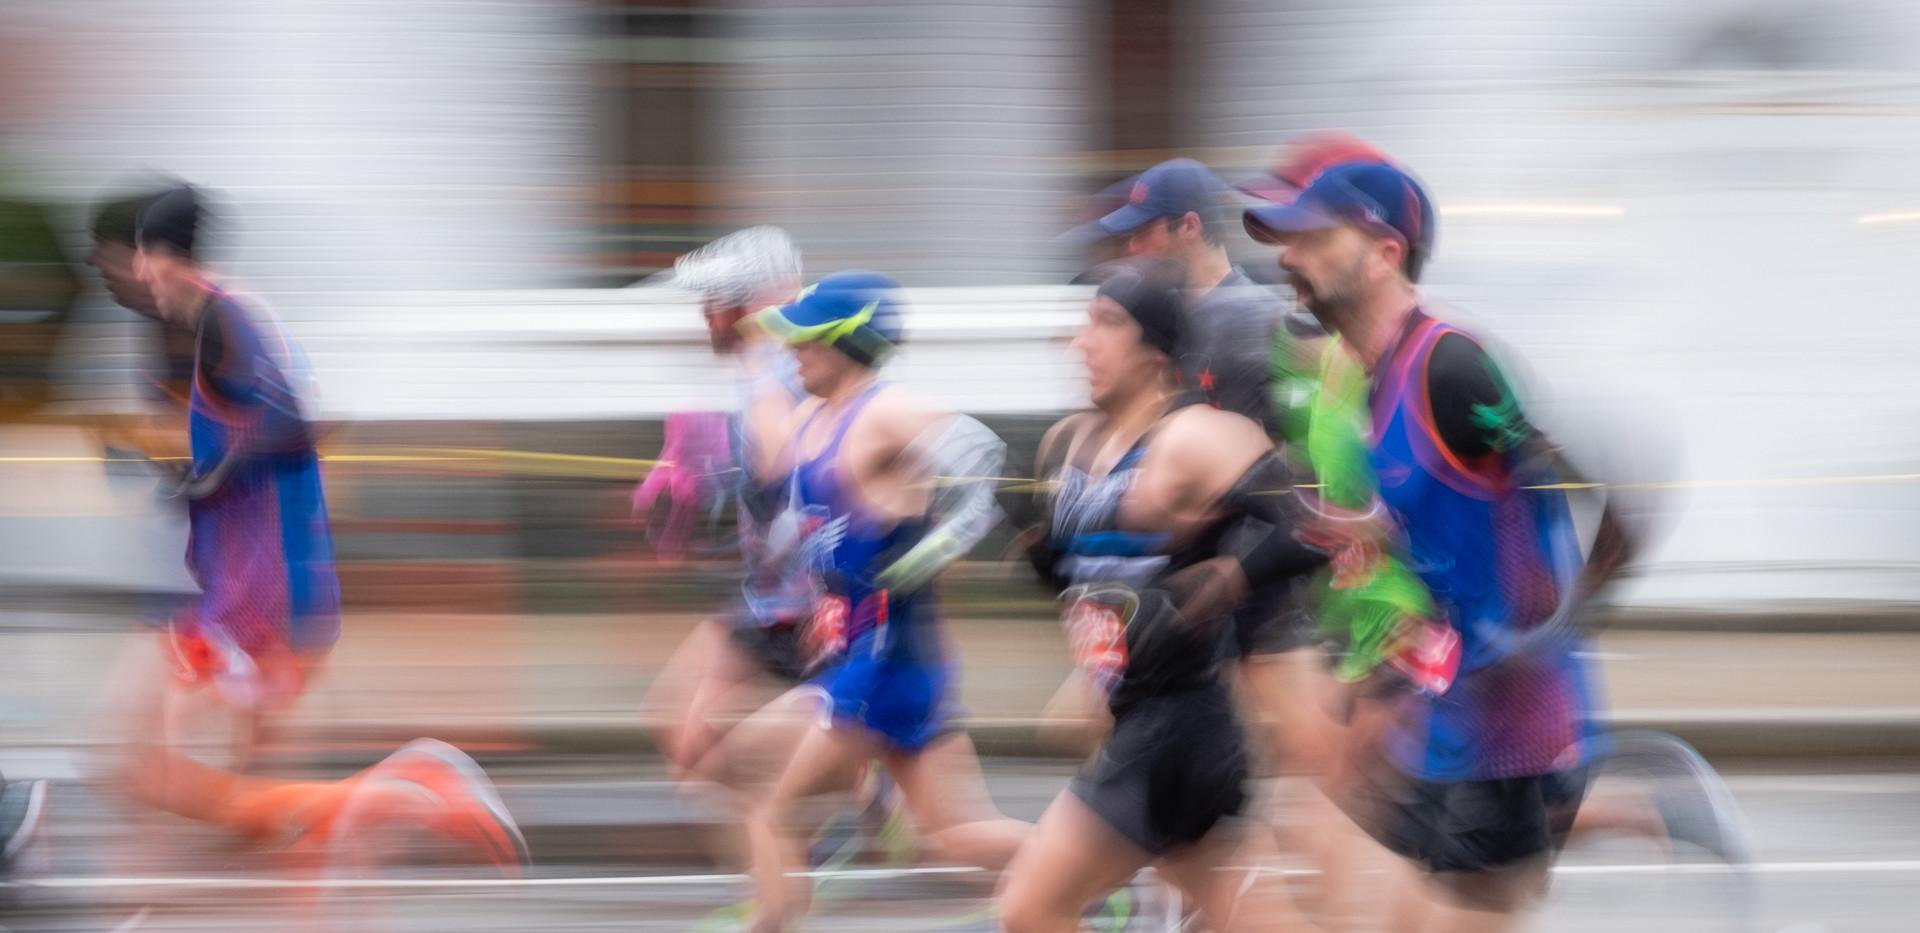 3rd: Marathon